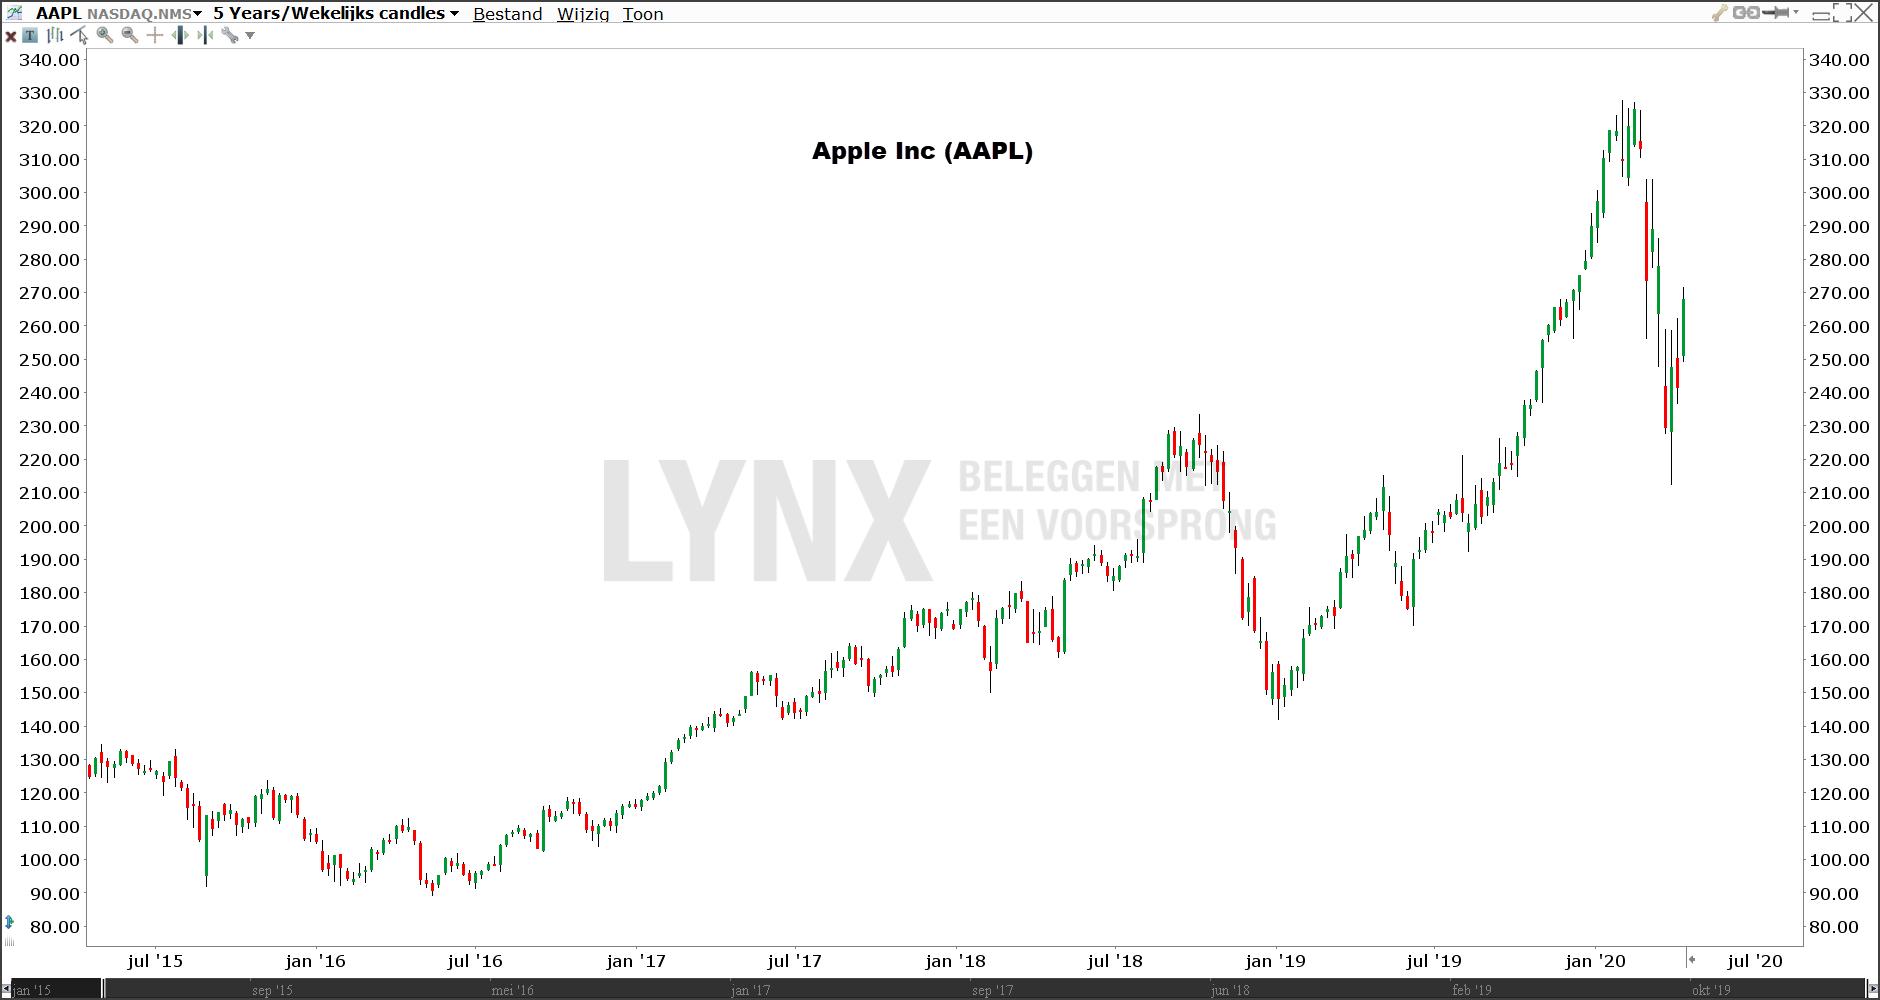 Koers van het aandeel Apple